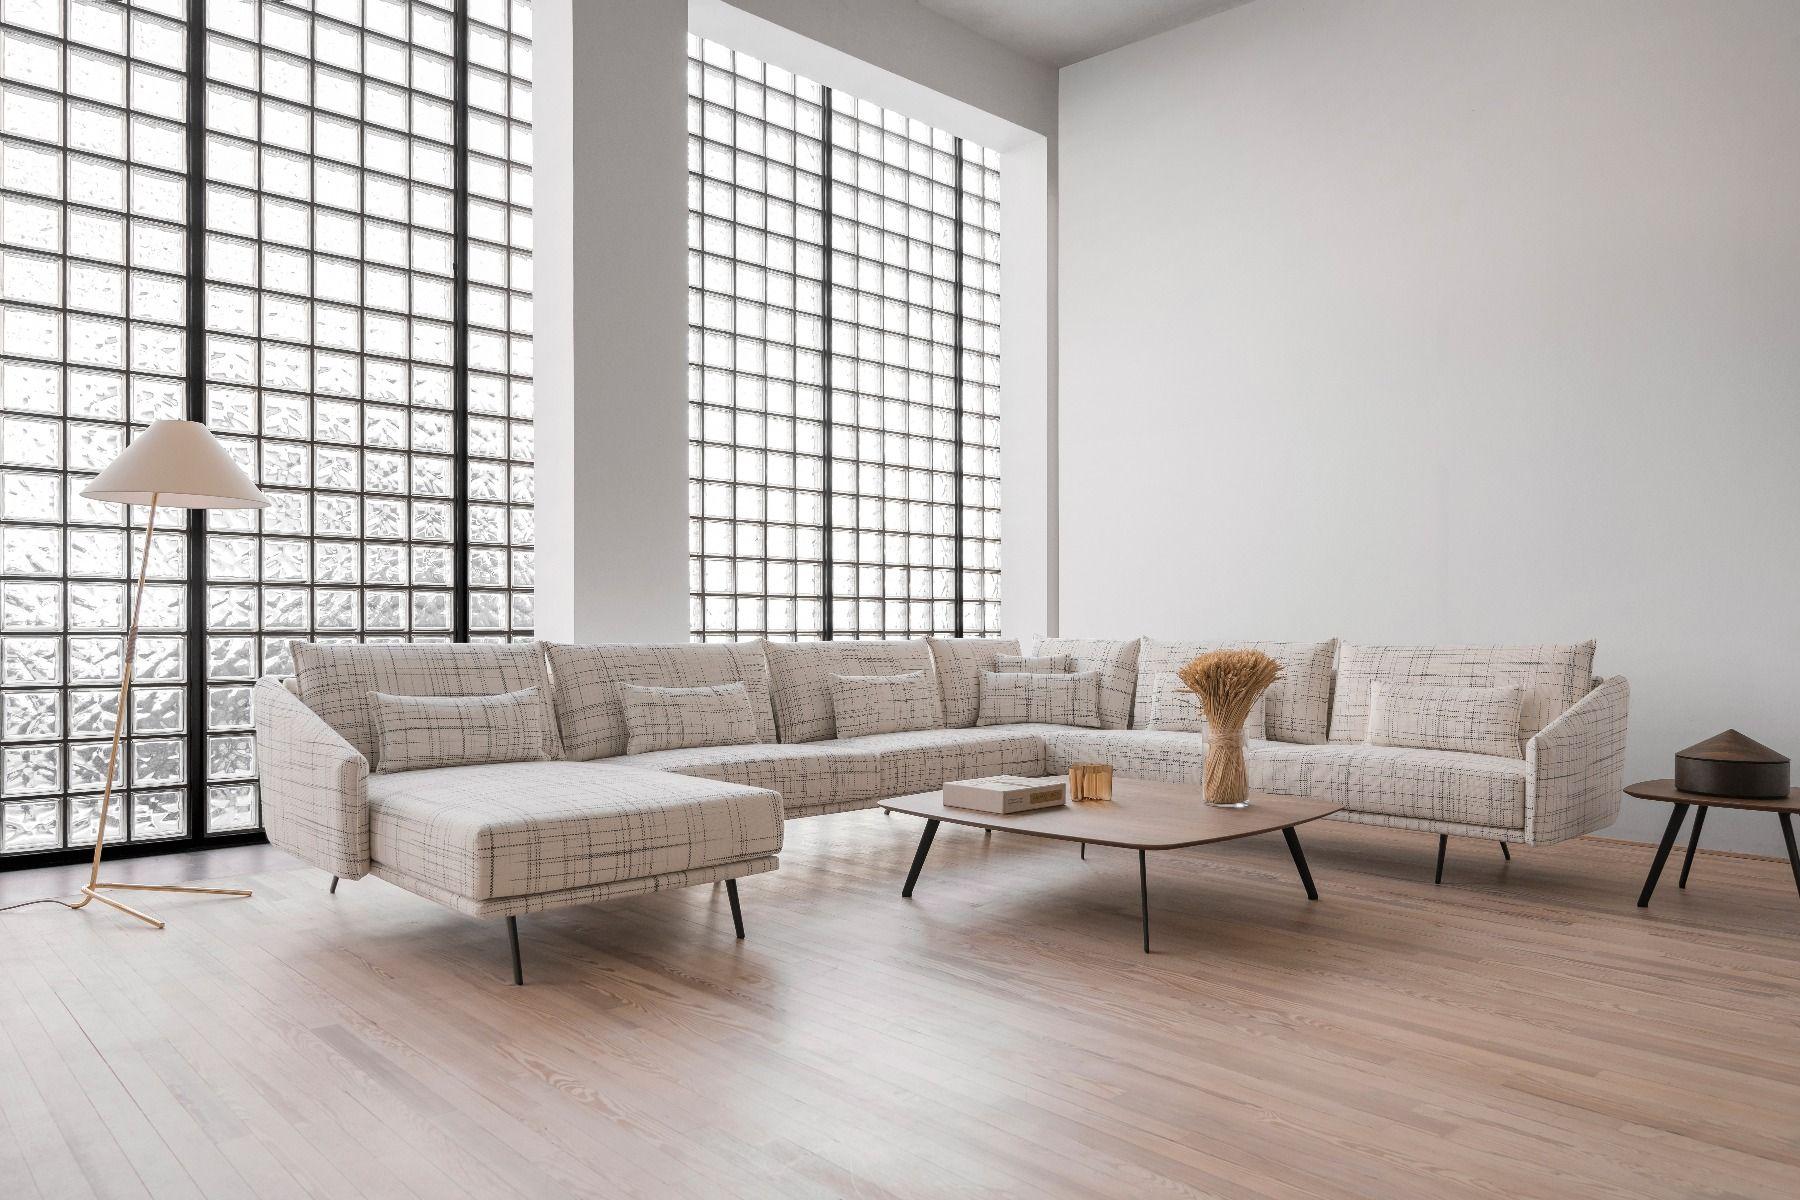 STUA Costura Sofa Chaise Longue corner unit with 120cm coffee tabe